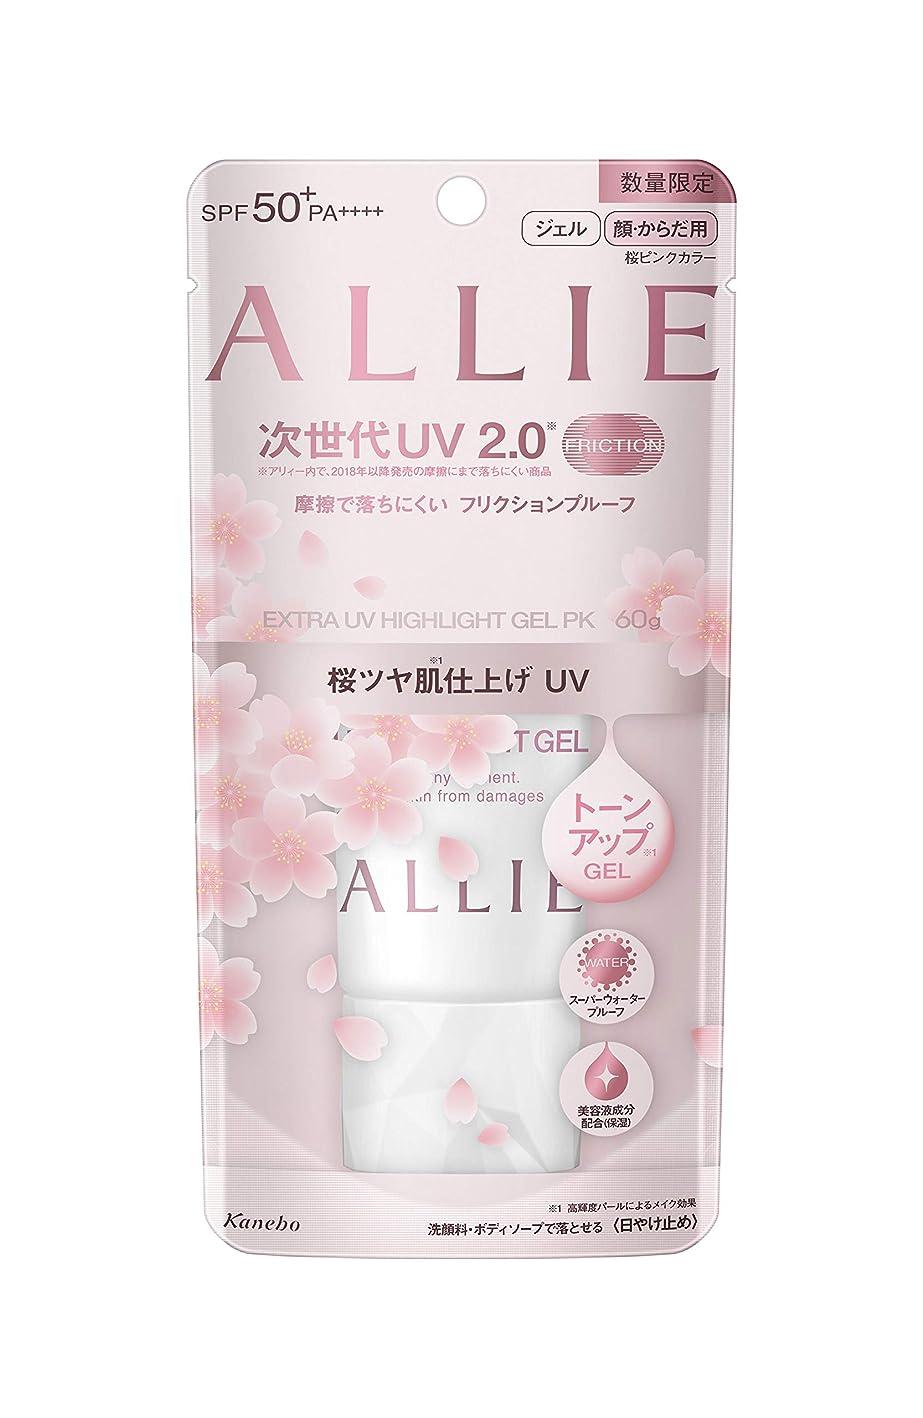 夫カウボーイ塩アリィー エクストラUV ハイライトジェル 日焼け止め 桜の香り SPF50+/PA++++